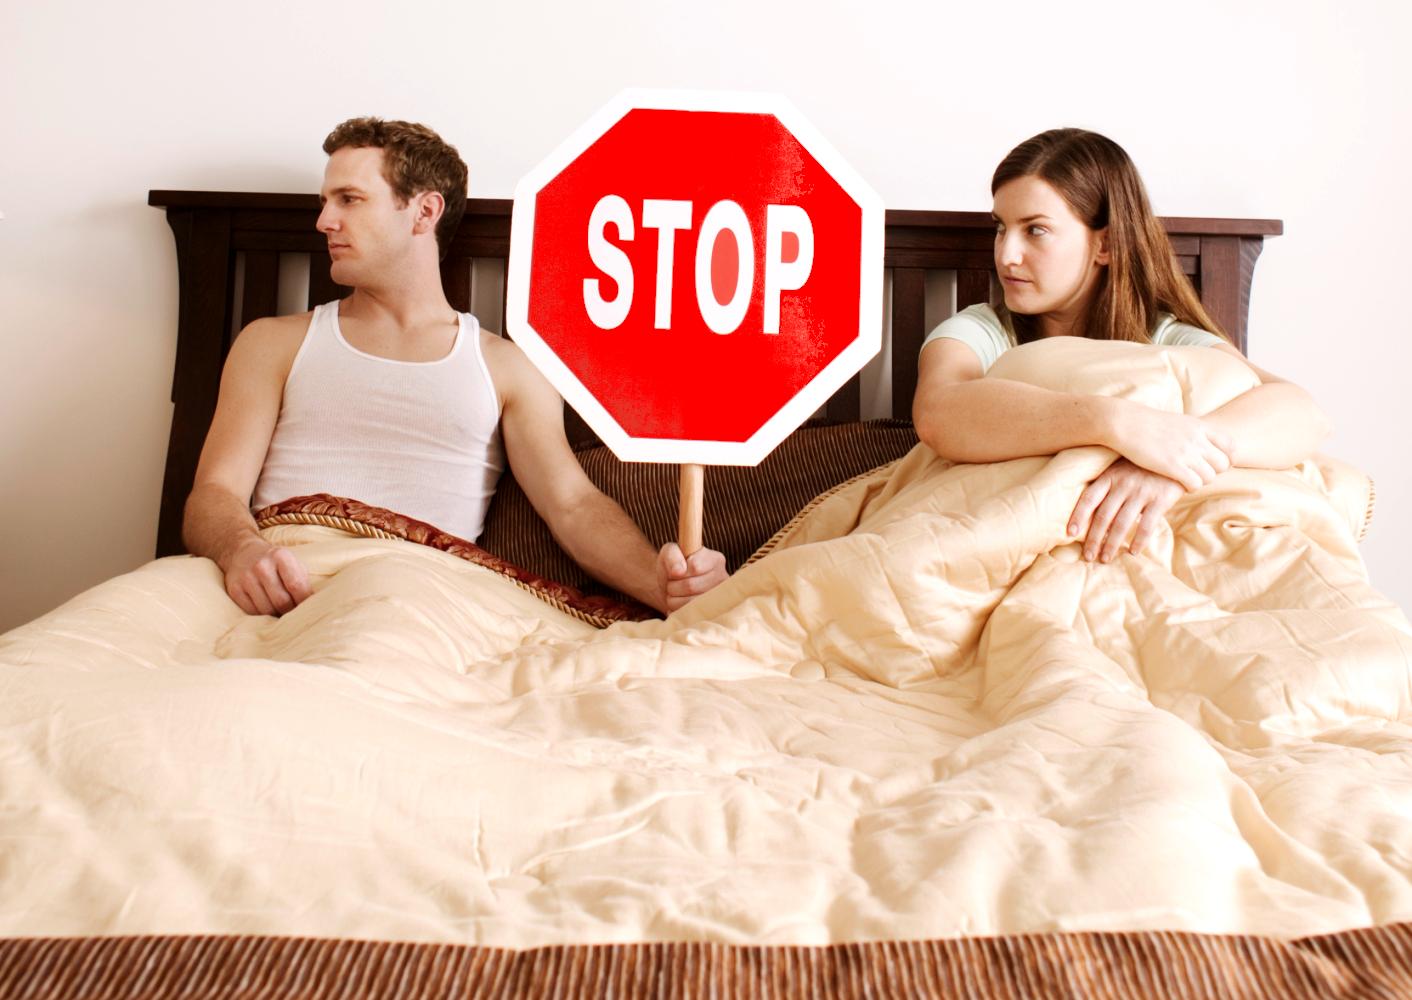 воздержание от секса при подготовке при ПЦР анализу